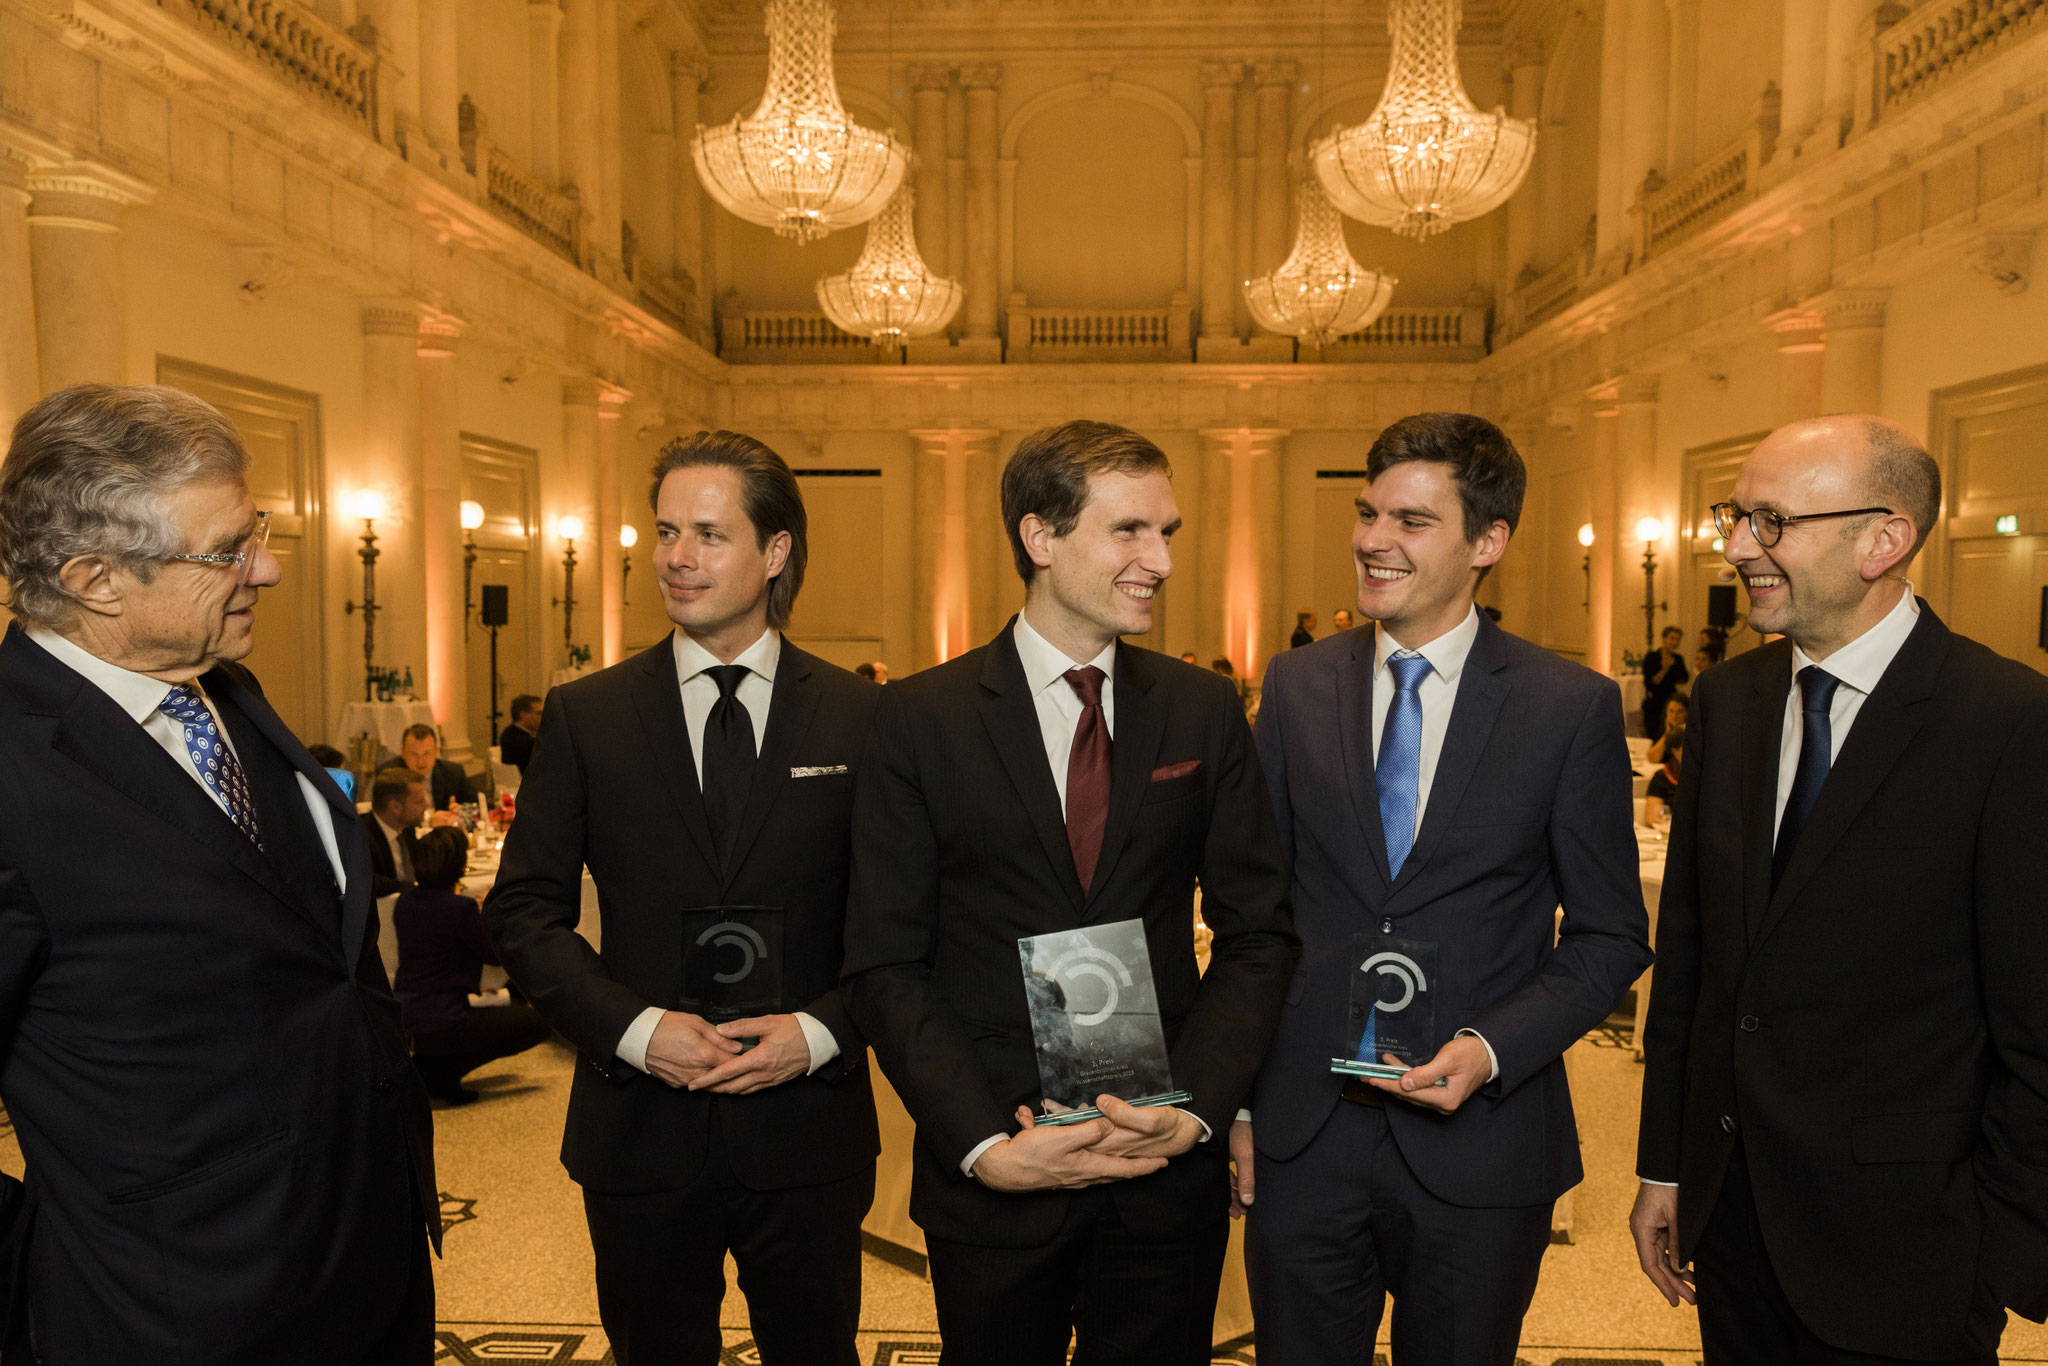 Von links: Bruno Kübler, Tilman Rauhut, Patrick Keinert, Johannes Richter, Lucas Flöther. Preisträger und Laudatoren Wissenschaftspreis © 2018 Sven Döring